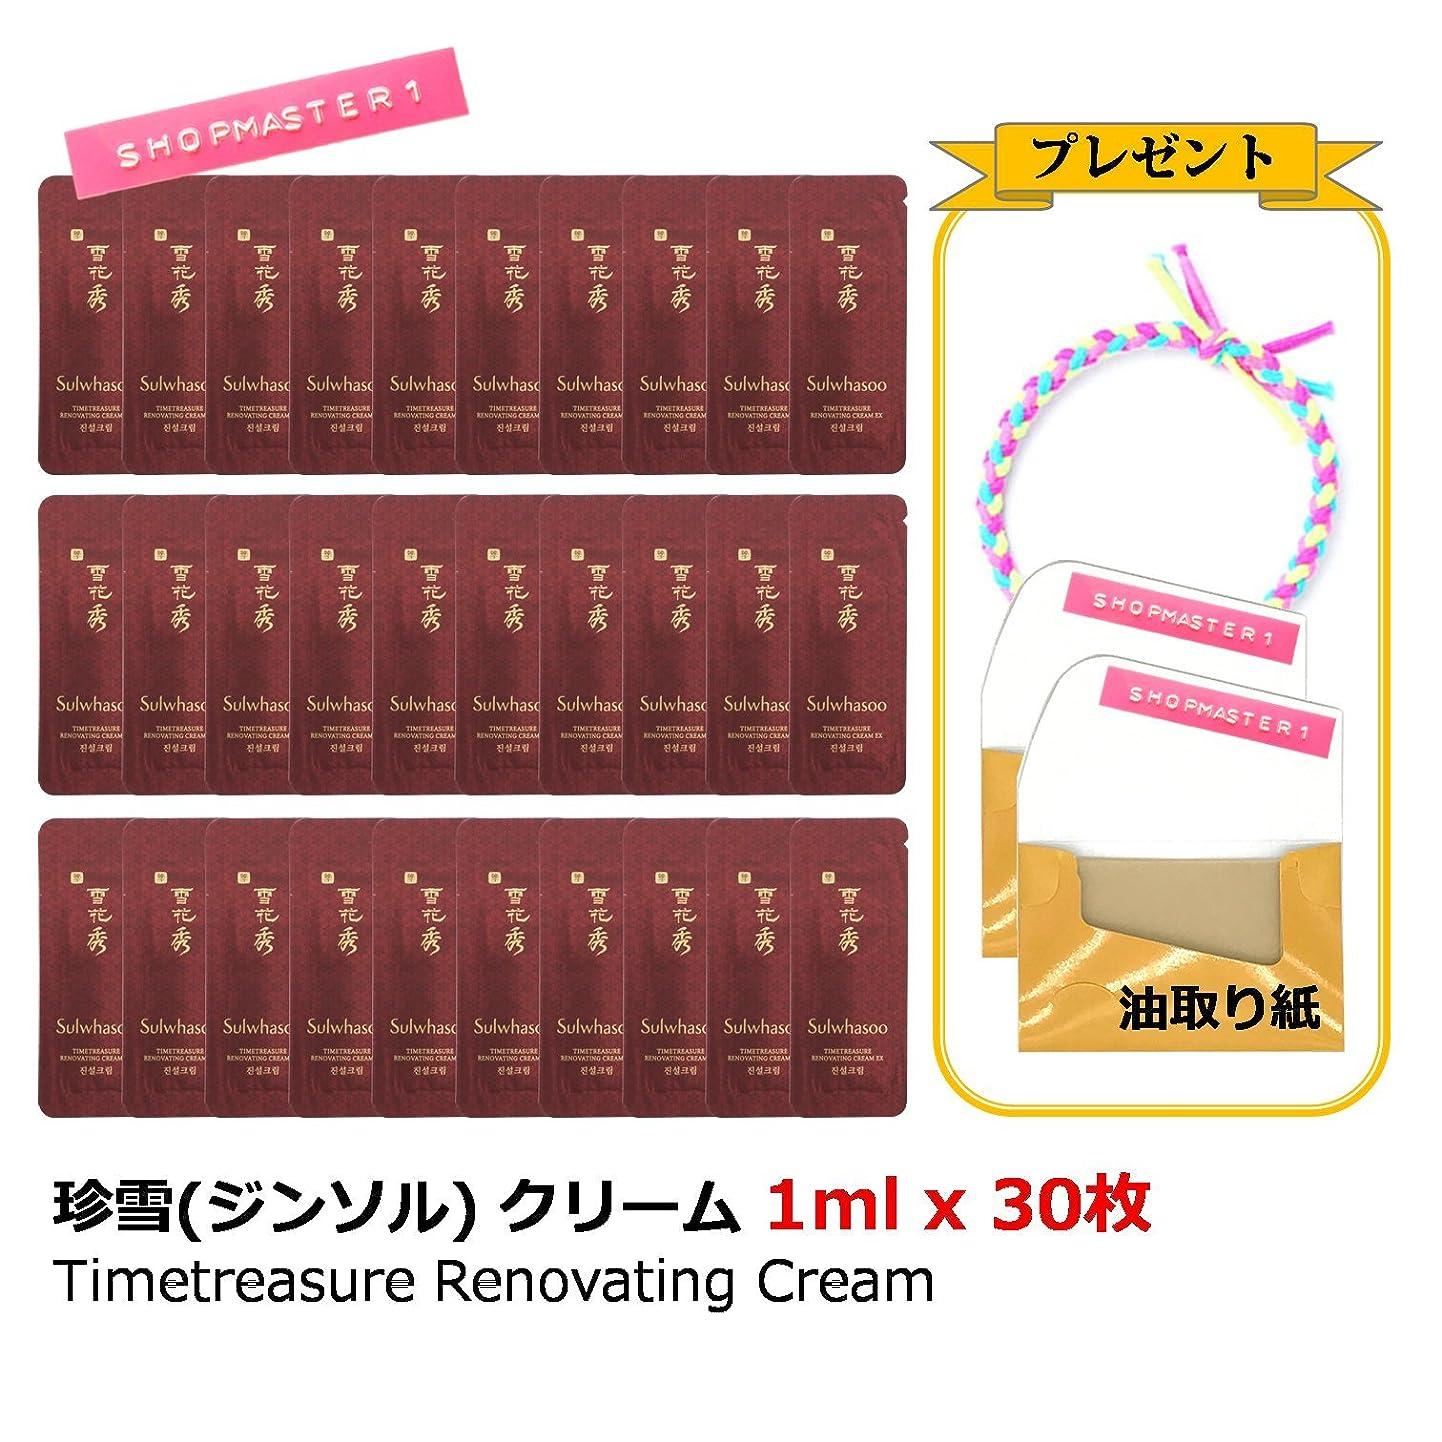 アレルギーやめる感じ【Sulwhasoo ソルファス】珍雪(ジンソル) クリーム 1ml x 30枚 Timetreasure Renovating Cream/プレゼント 油取り紙 2個(30枚ずつ)、ヘアタイ/海外直配送